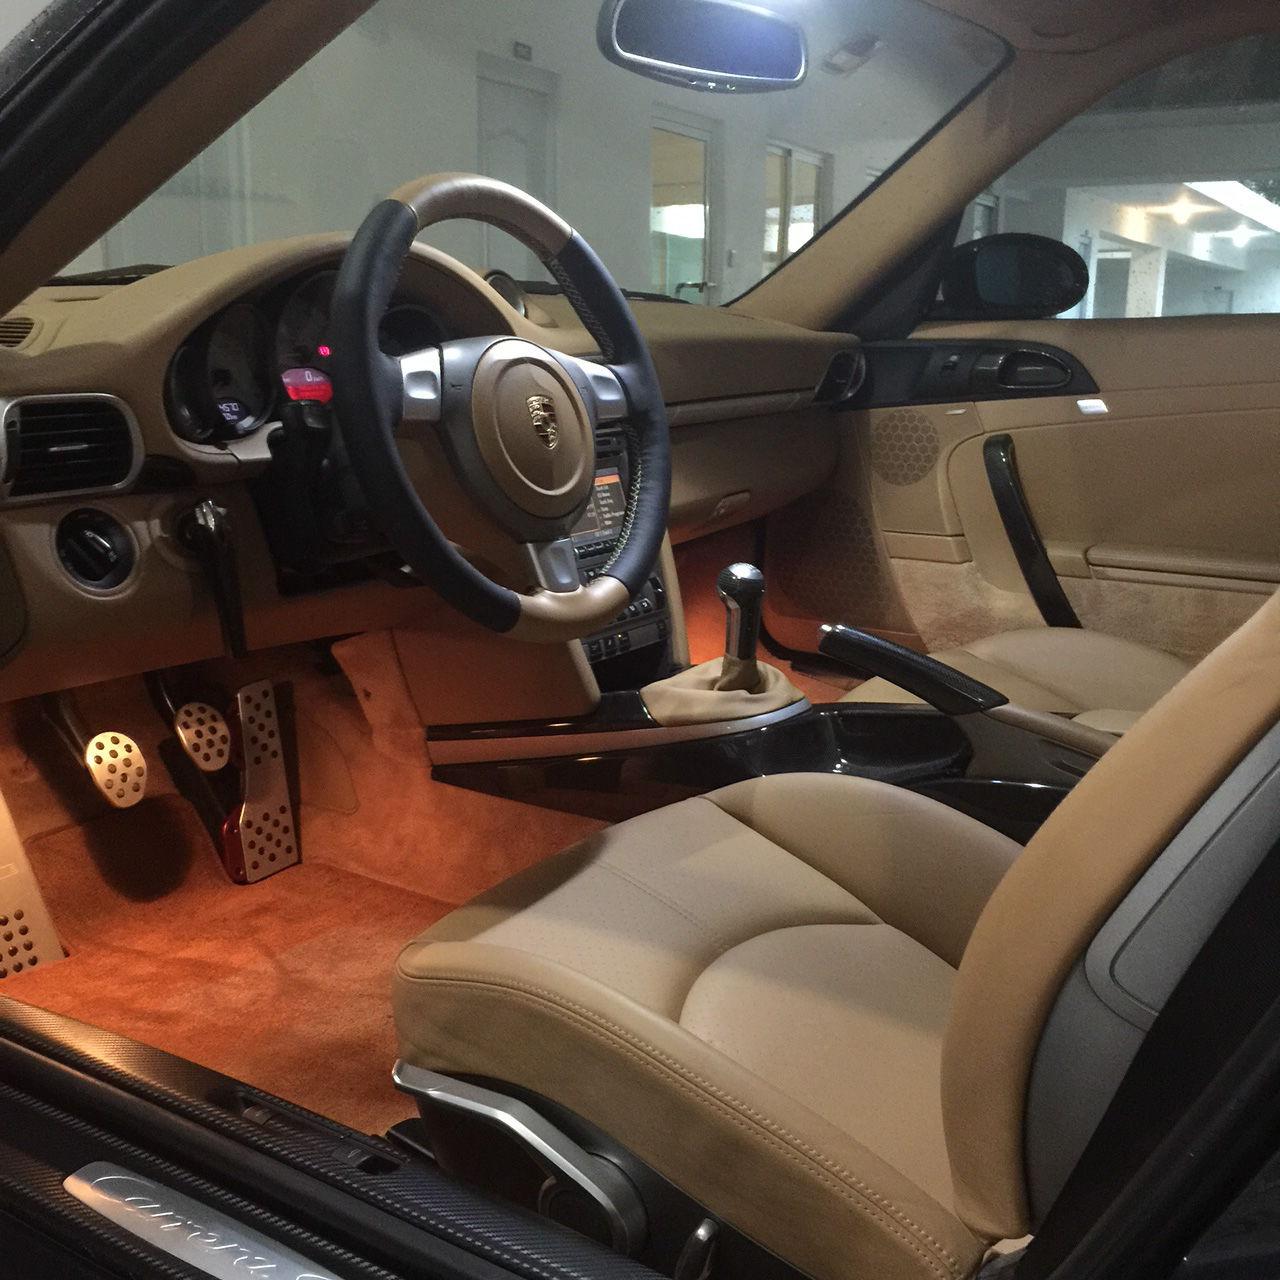 Poner vinilo en coche simple poner la pelcula en la lmpara y luego rociar la cantidad pegando - Poner luz interior coche ...